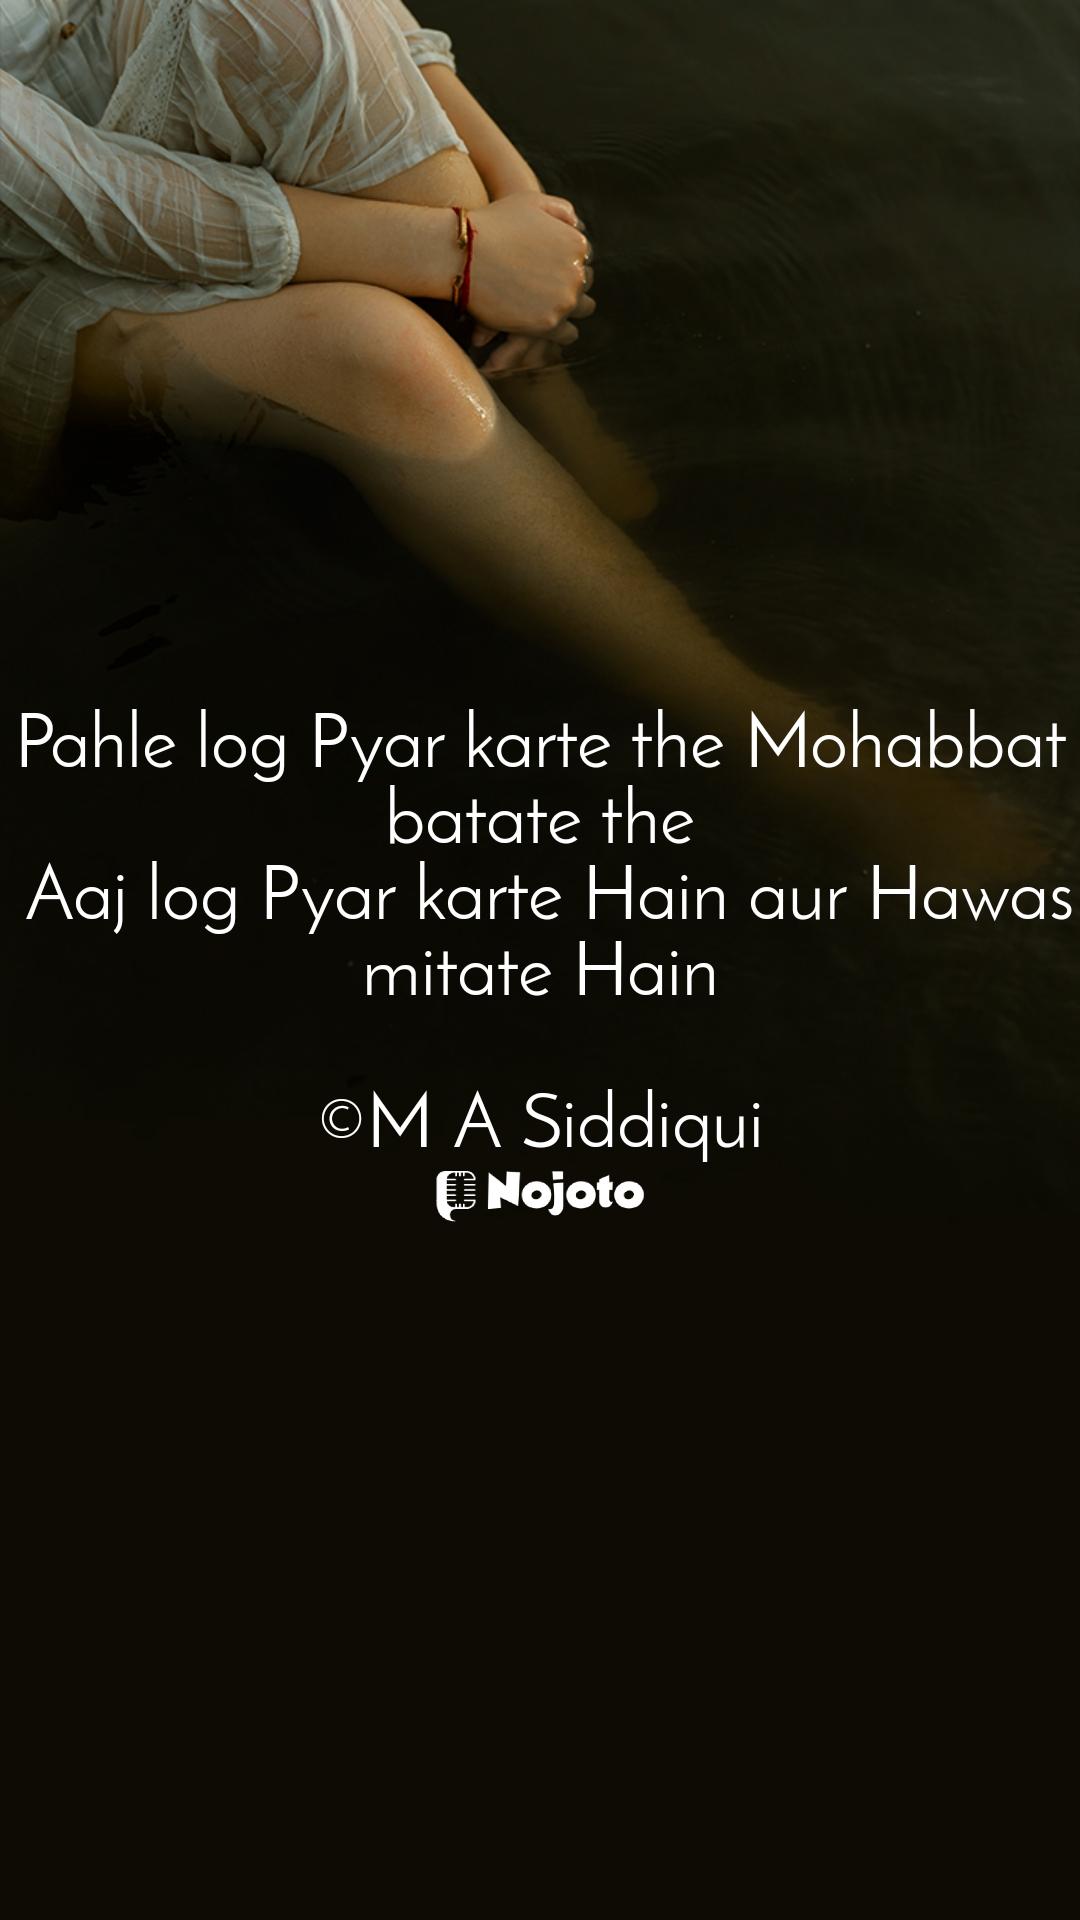 Pahle log Pyar karte the Mohabbat batate the  Aaj log Pyar karte Hain aur Hawas mitate Hain  ©M A Siddiqui